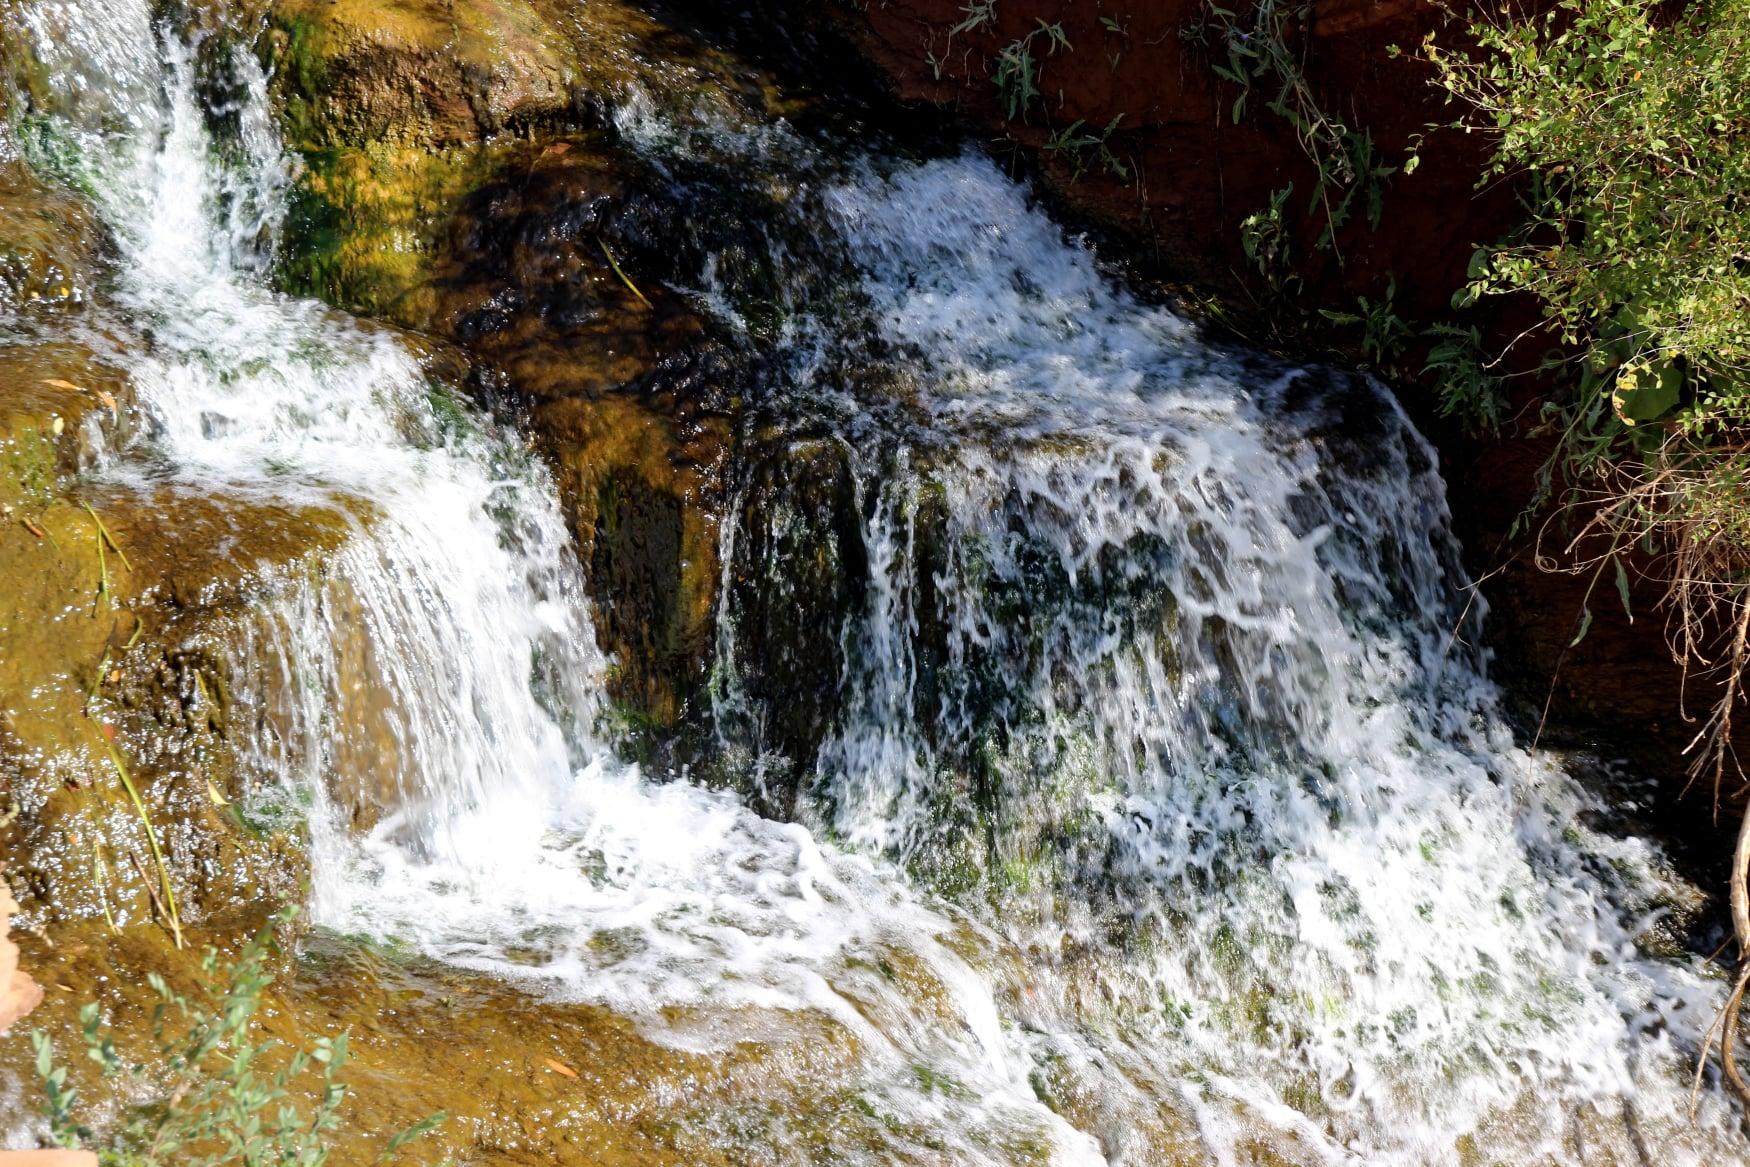 Приятно любоваться. Фотографии чернореченского водопада от Жанны Валиевой